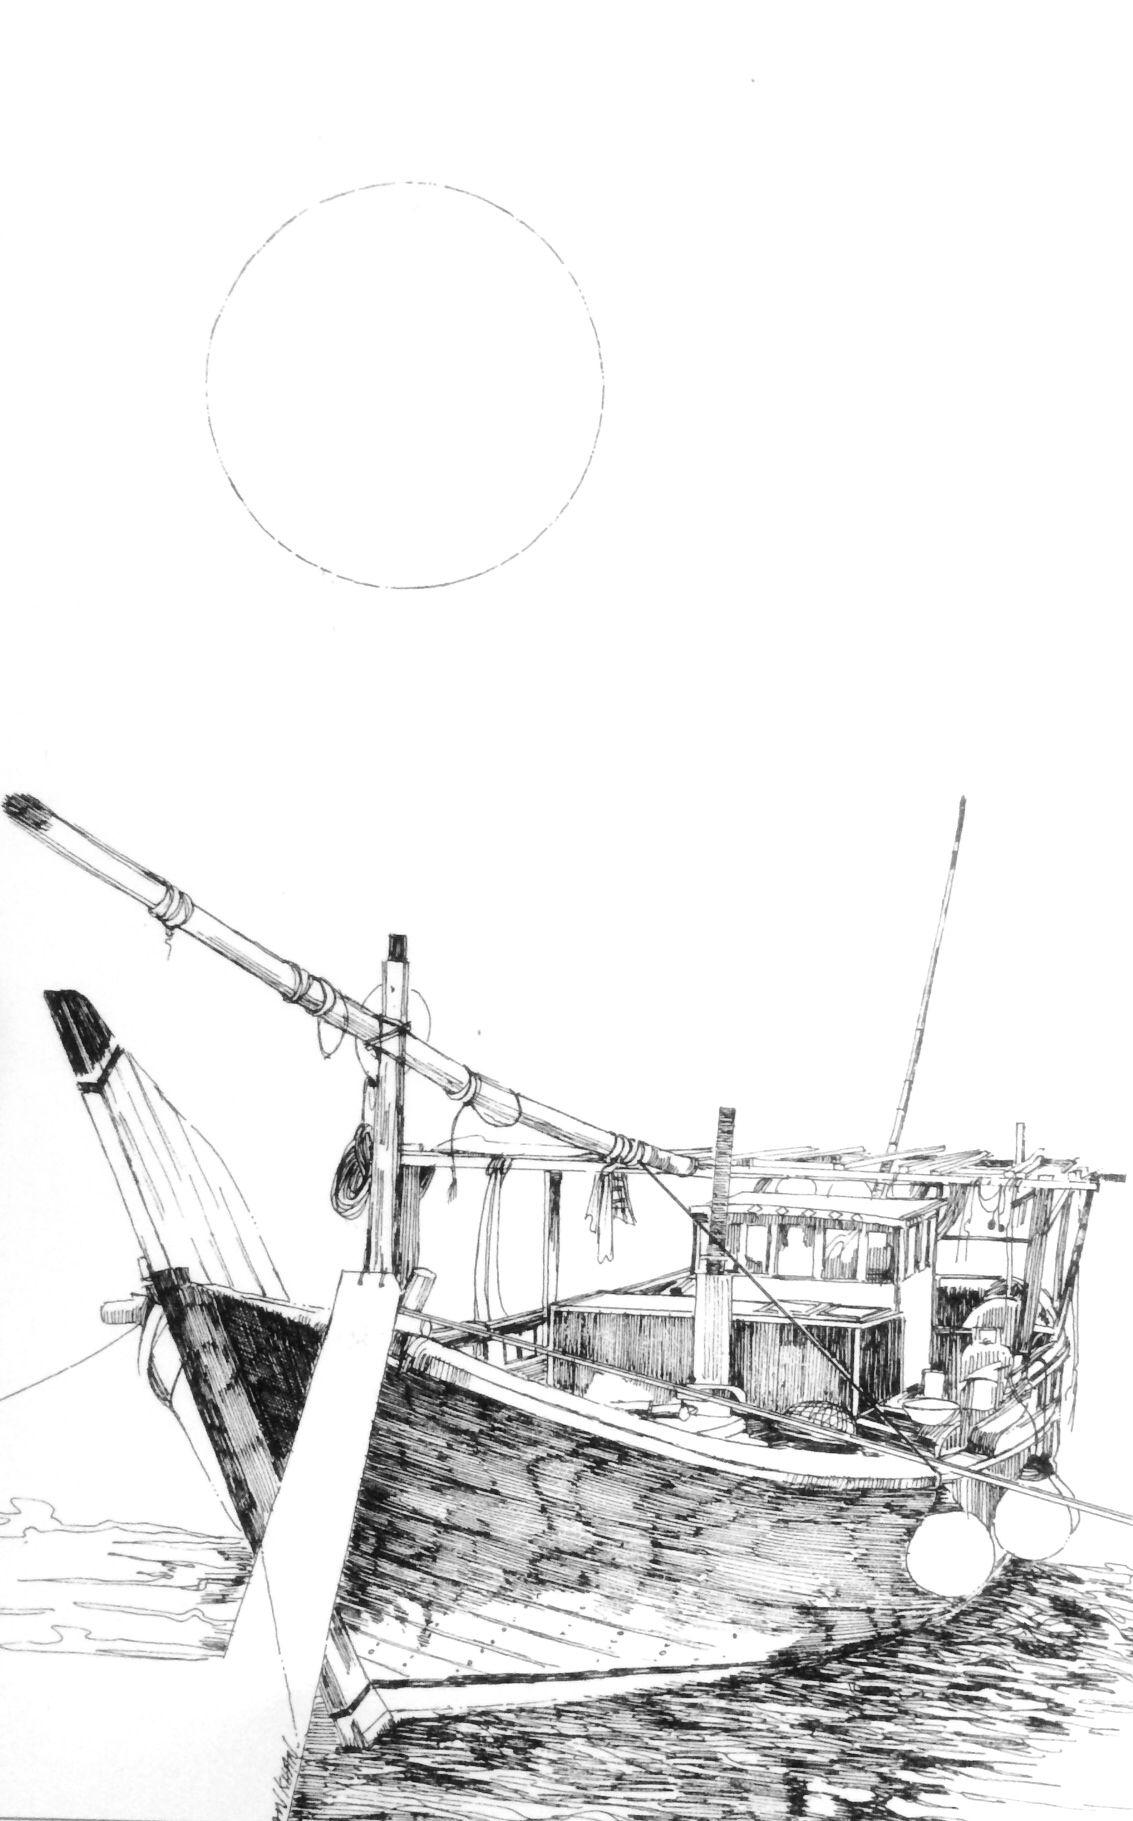 Dubai Abra in ( 1981 ) Illustration by Irfan Khan